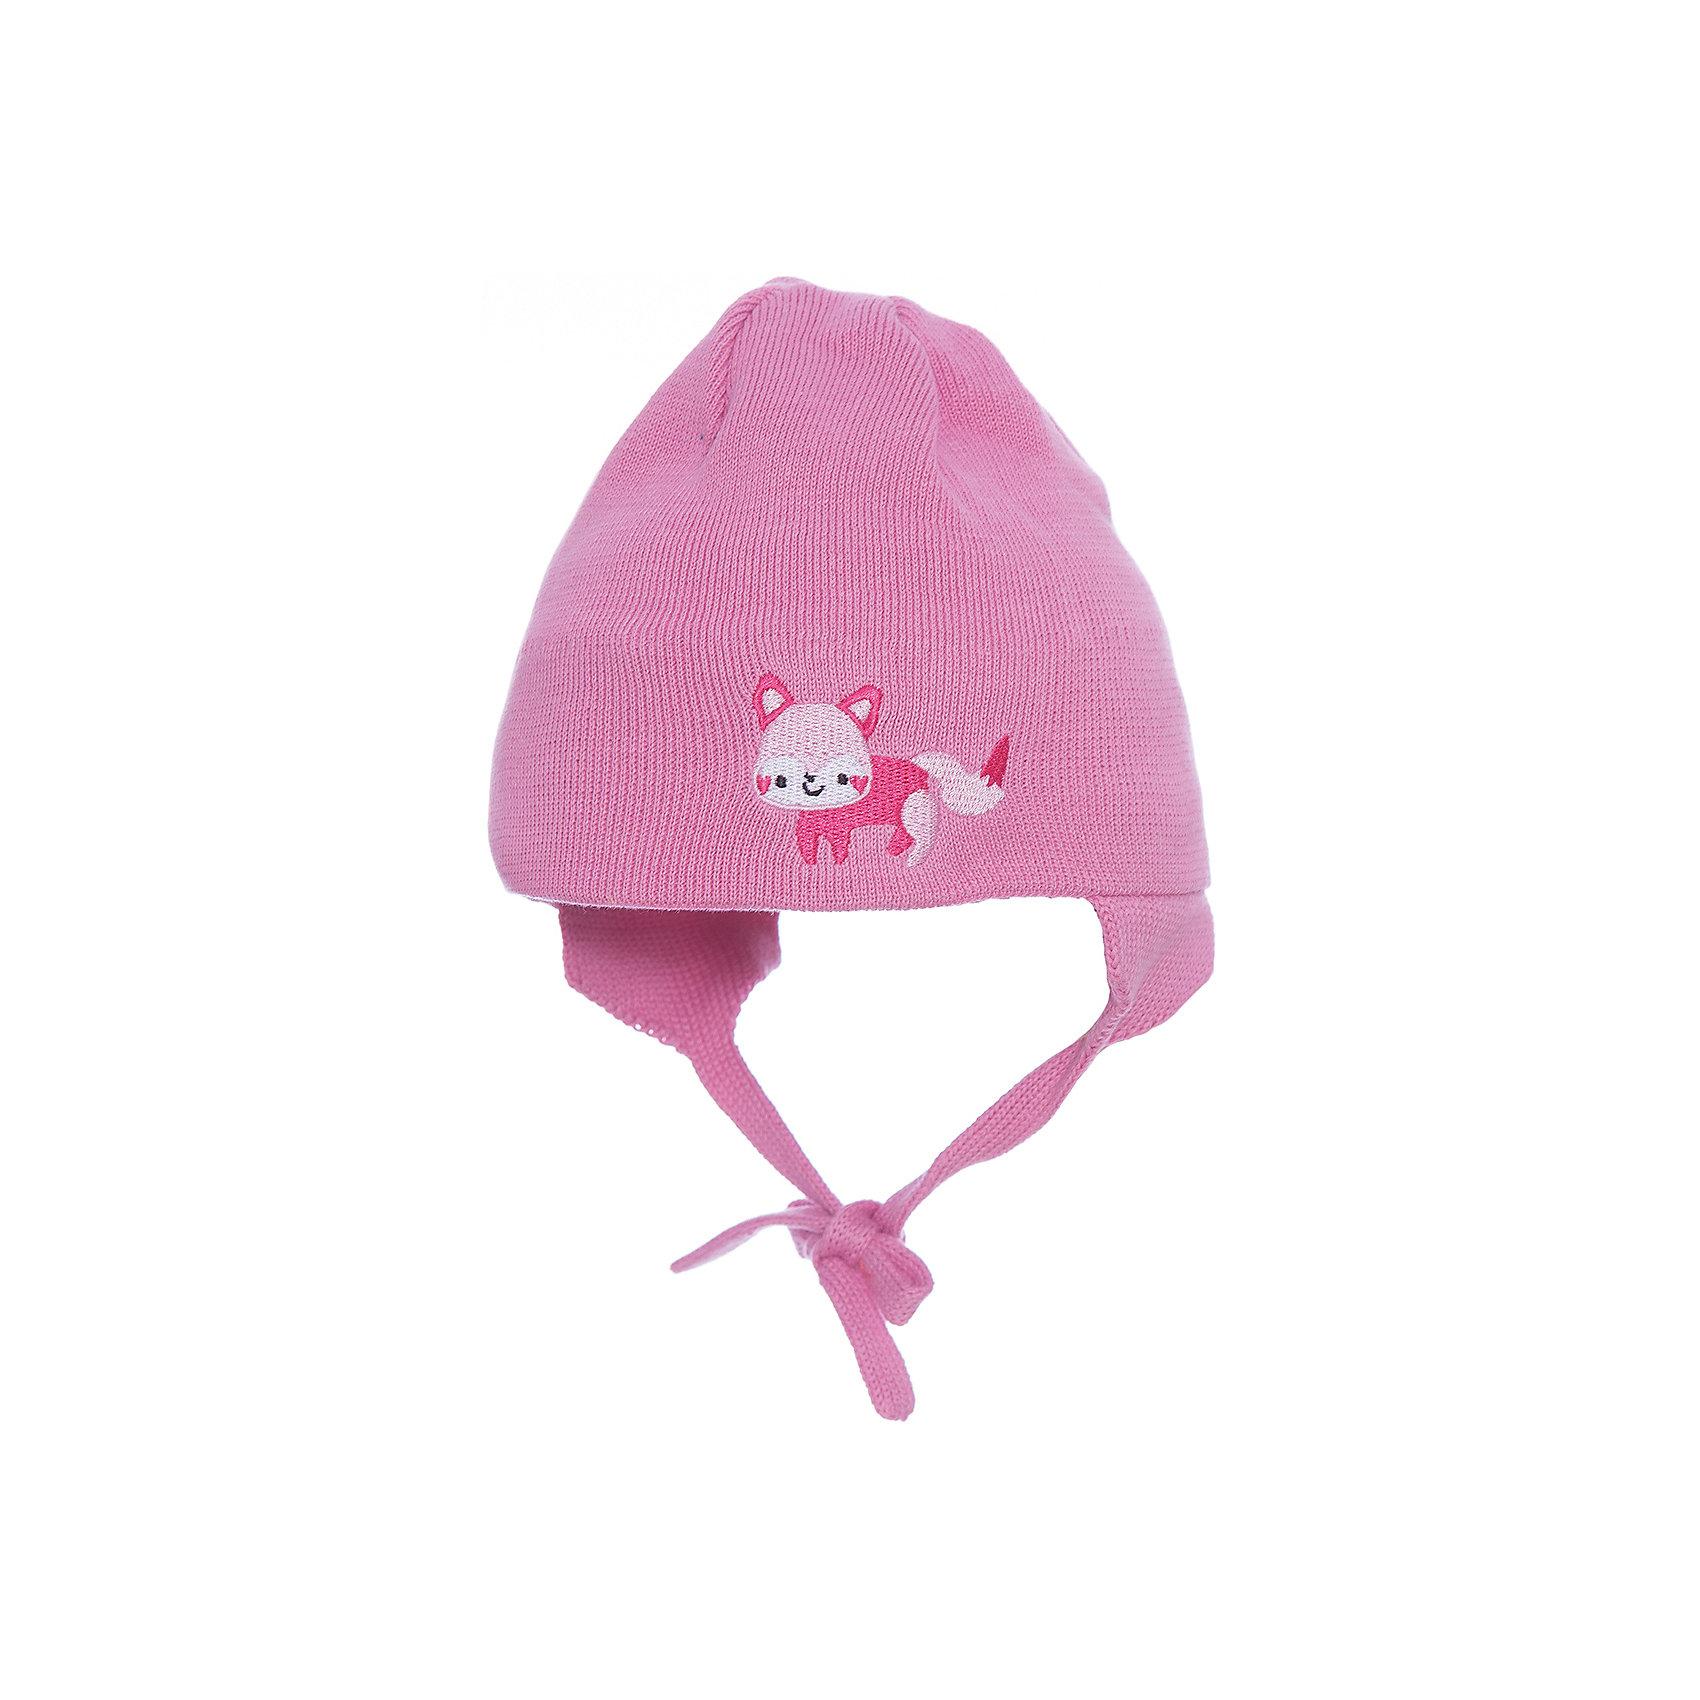 Шапка для девочки HuppaШапочки<br>Хлопчатобумажная демисезонная шапка на завязках.<br><br>Дополнительная информация:<br><br>Демисезонная модель<br>Состав:100% хлопок<br><br>Шапку для девочки Huppa можно купить в нашем магазине.<br><br>Ширина мм: 89<br>Глубина мм: 117<br>Высота мм: 44<br>Вес г: 155<br>Цвет: розовый<br>Возраст от месяцев: 9<br>Возраст до месяцев: 12<br>Пол: Женский<br>Возраст: Детский<br>Размер: 43-45,51-53,39-43,47-49<br>SKU: 4595795